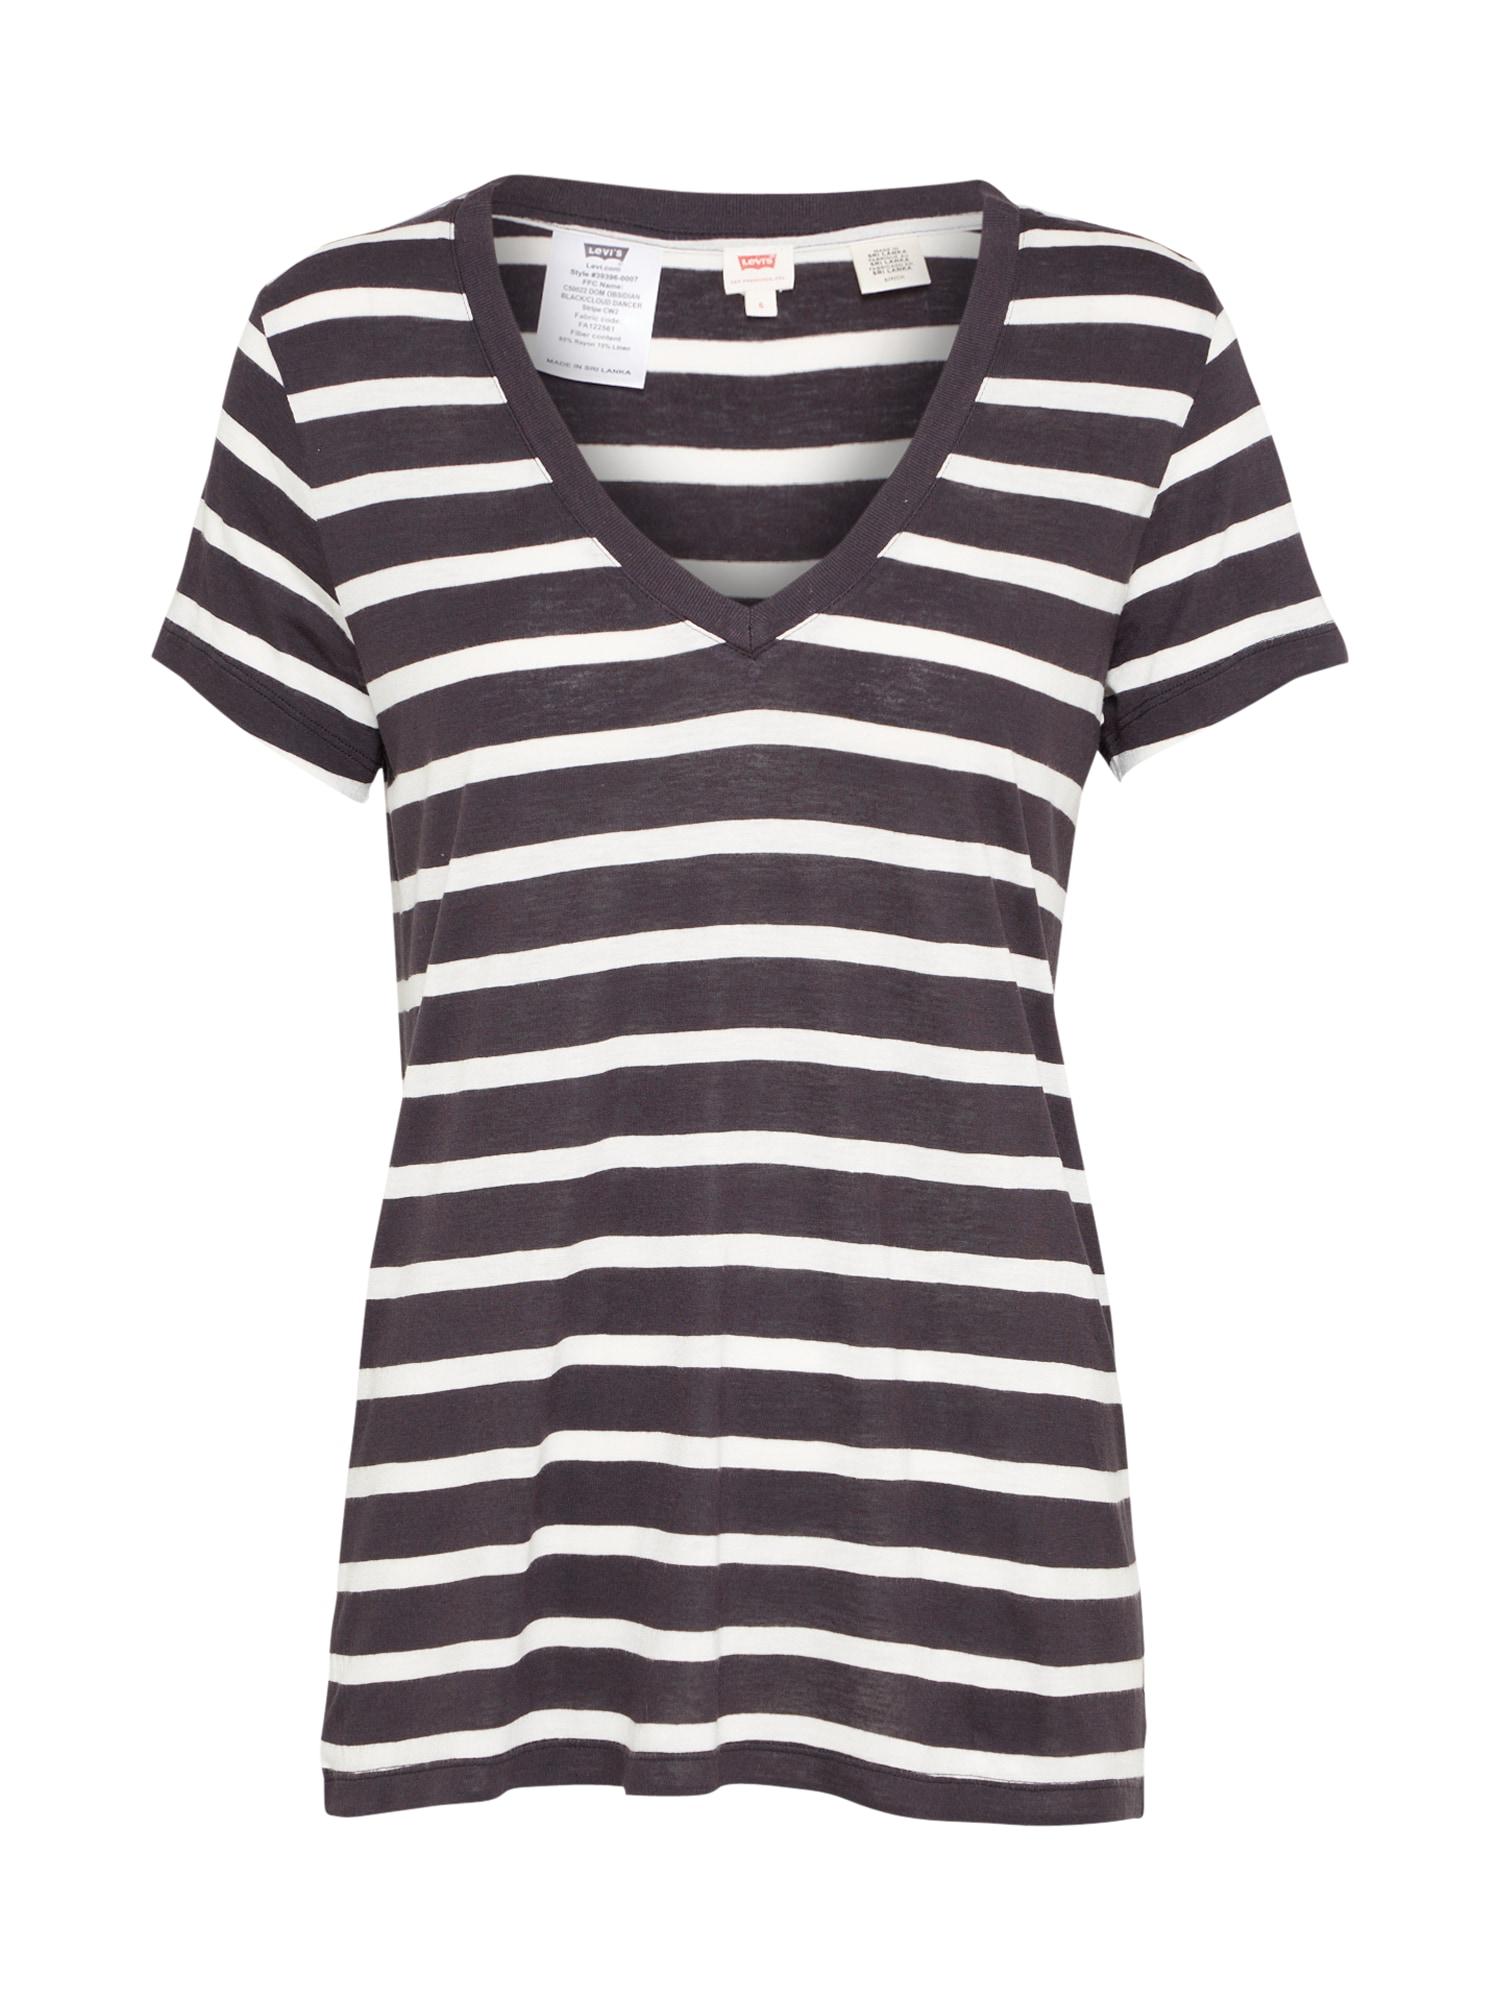 LEVI'S Dames Shirt ESSENTIAL grijs zwart